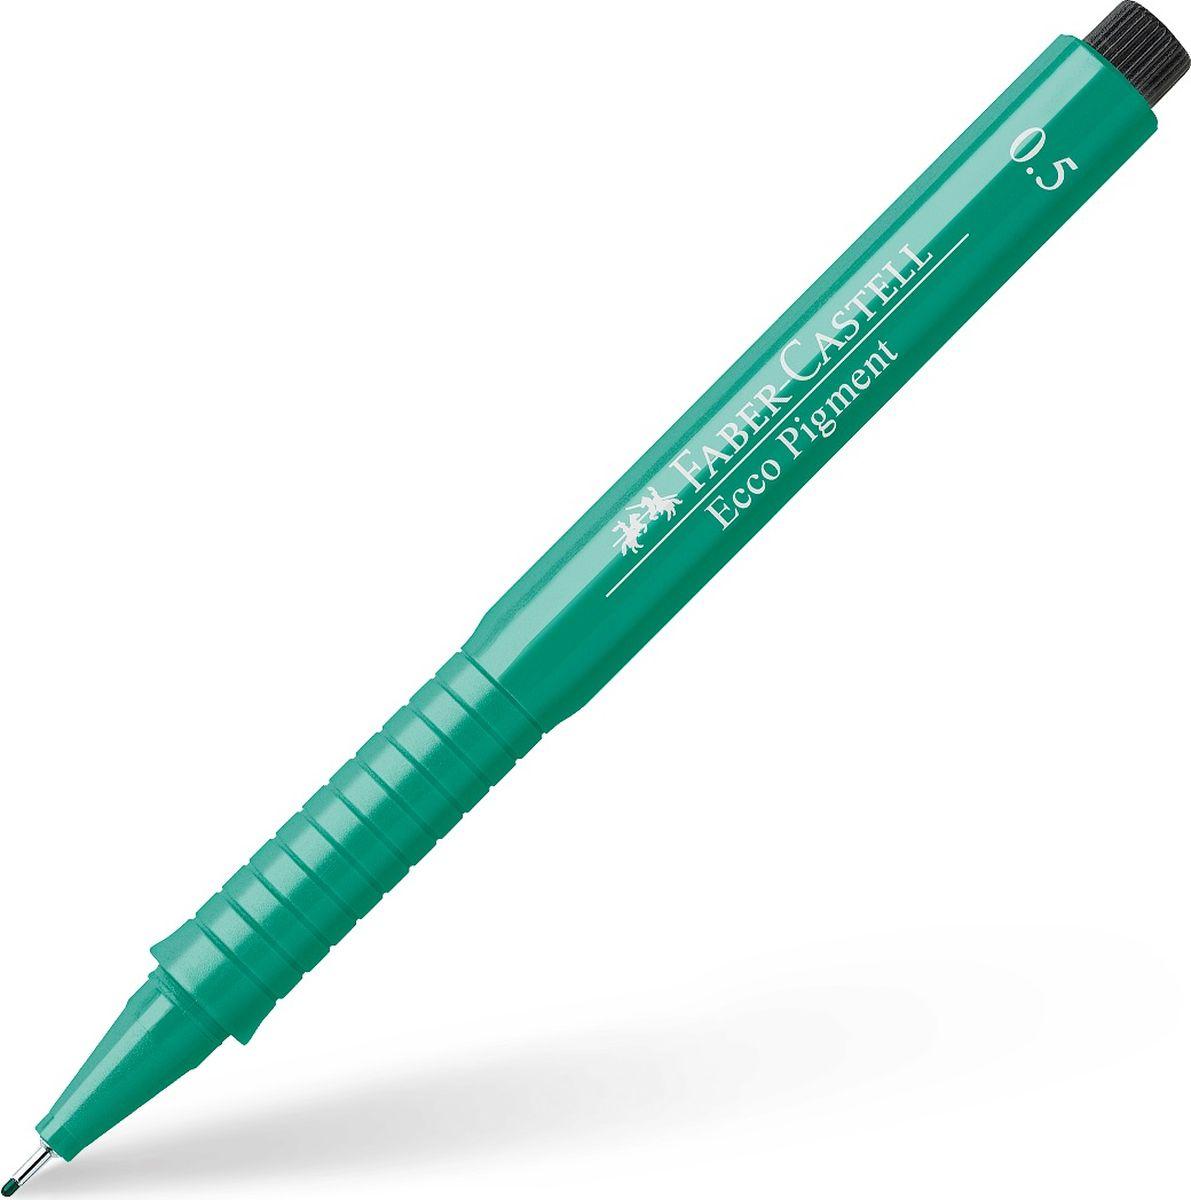 Faber-Castell Ручка капиллярная Ecco Pigment цвет зеленый 10 шт 16656372523WD идеальны для письма, рисования, набросков пигментные черные чернила водо- и светоустойчивые позволяют рисование с линейкой и по шаблону длинный кончик с металлическим корпусом эргономичная область захвата металлический клип 9 типов толщины линии